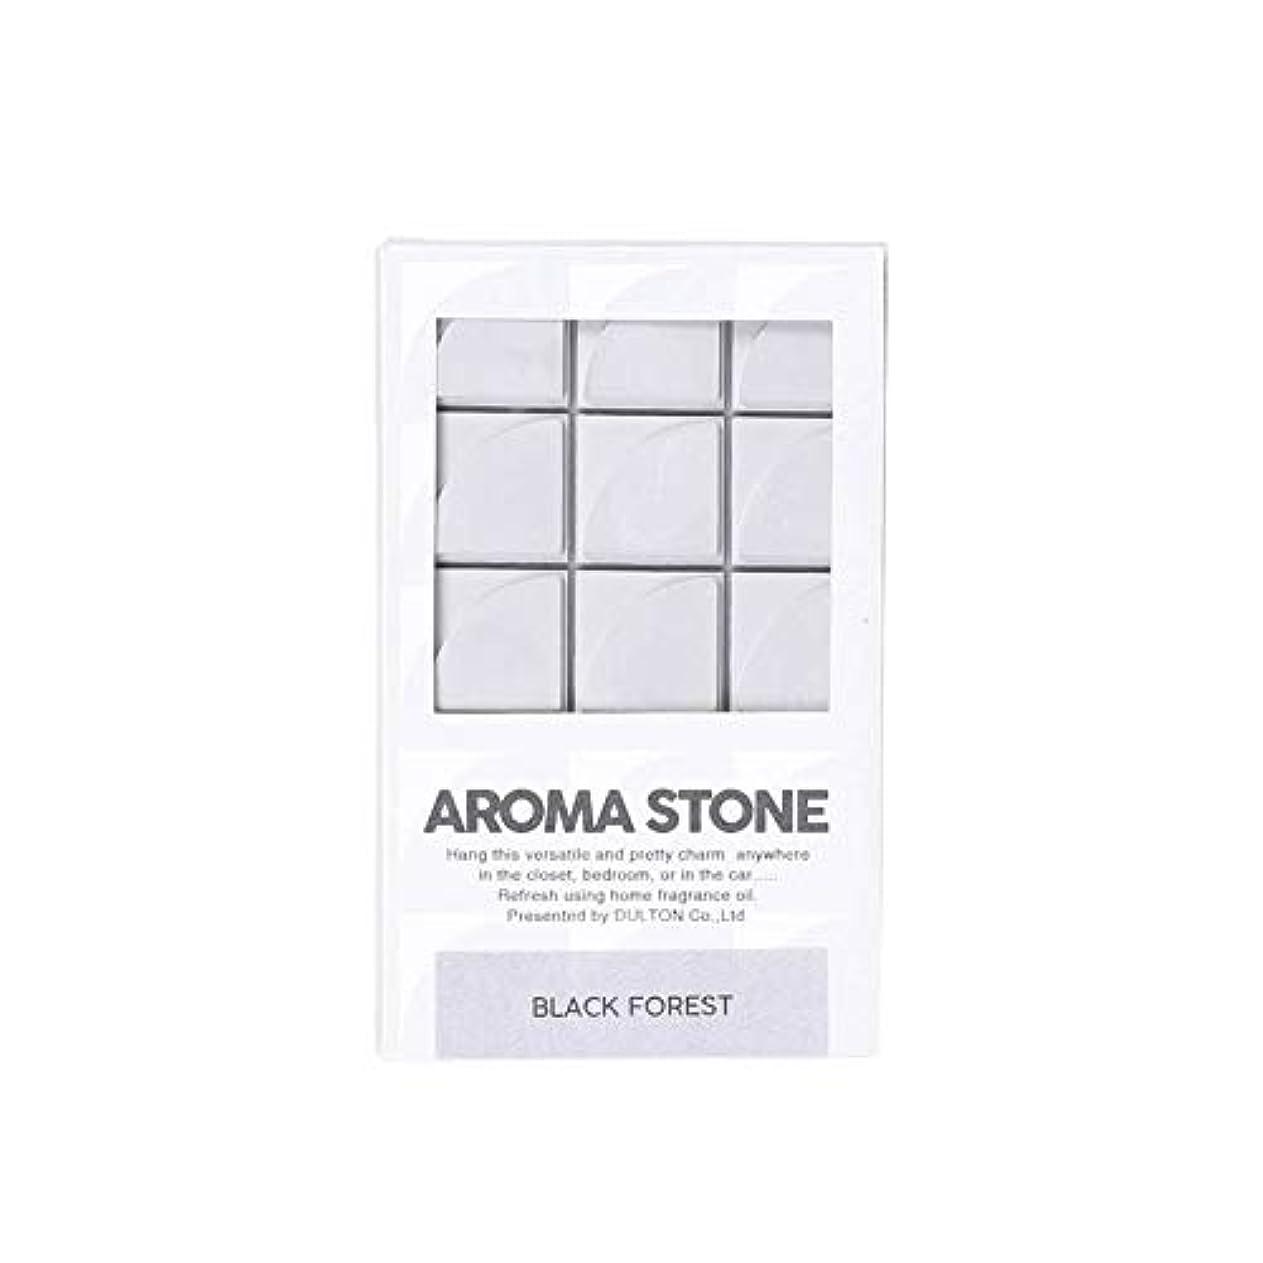 相続人ドロップ突破口ダルトン Aroma stone アロマストーン G975-1268 Black forest